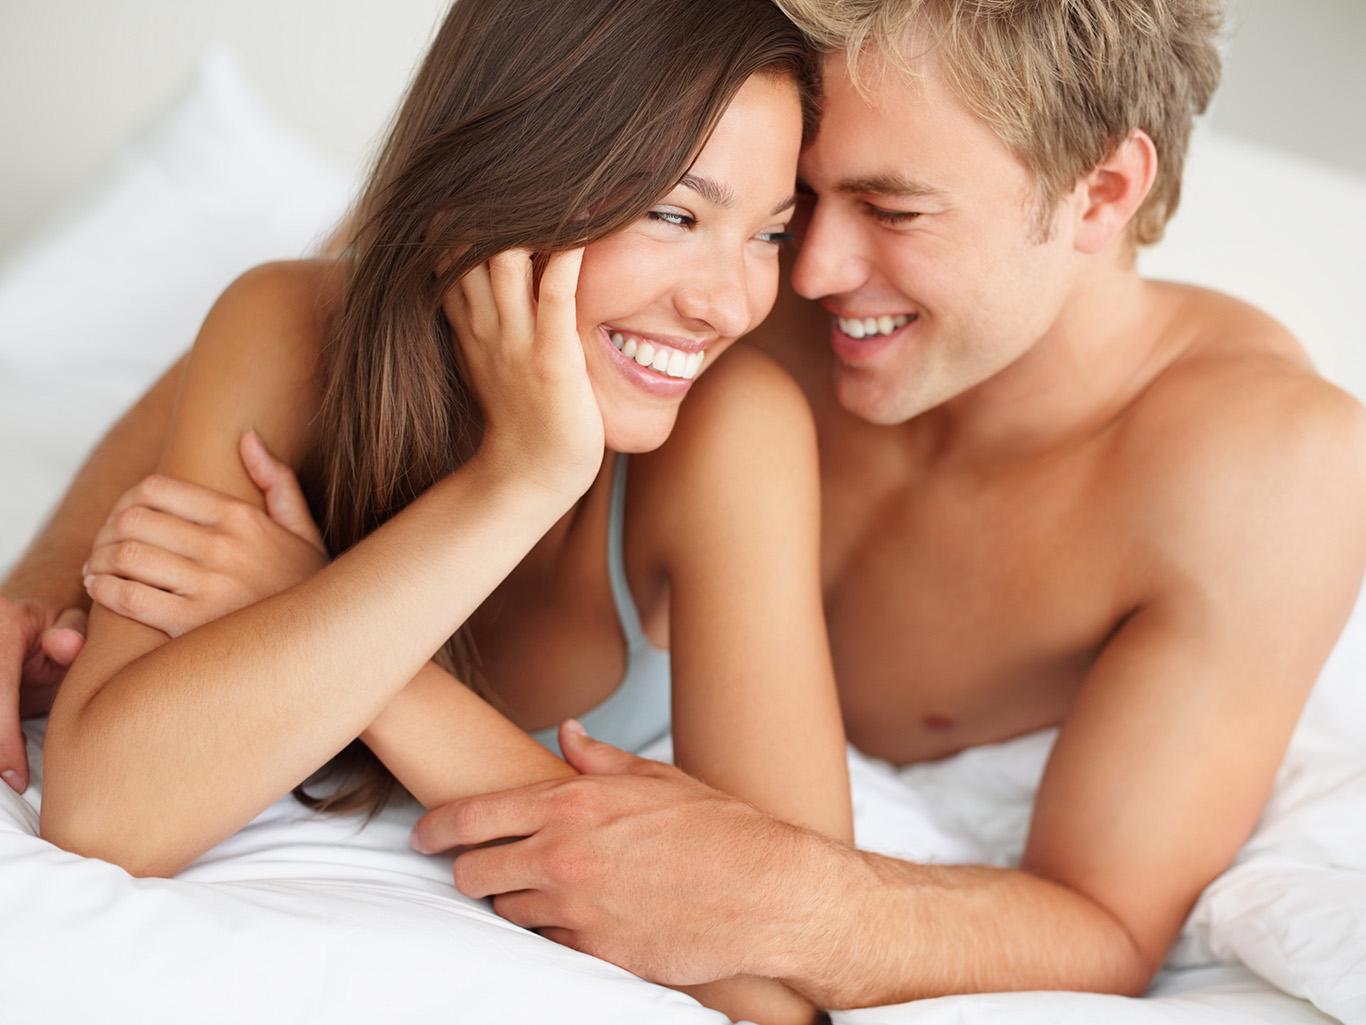 Утренний секс вред и полза